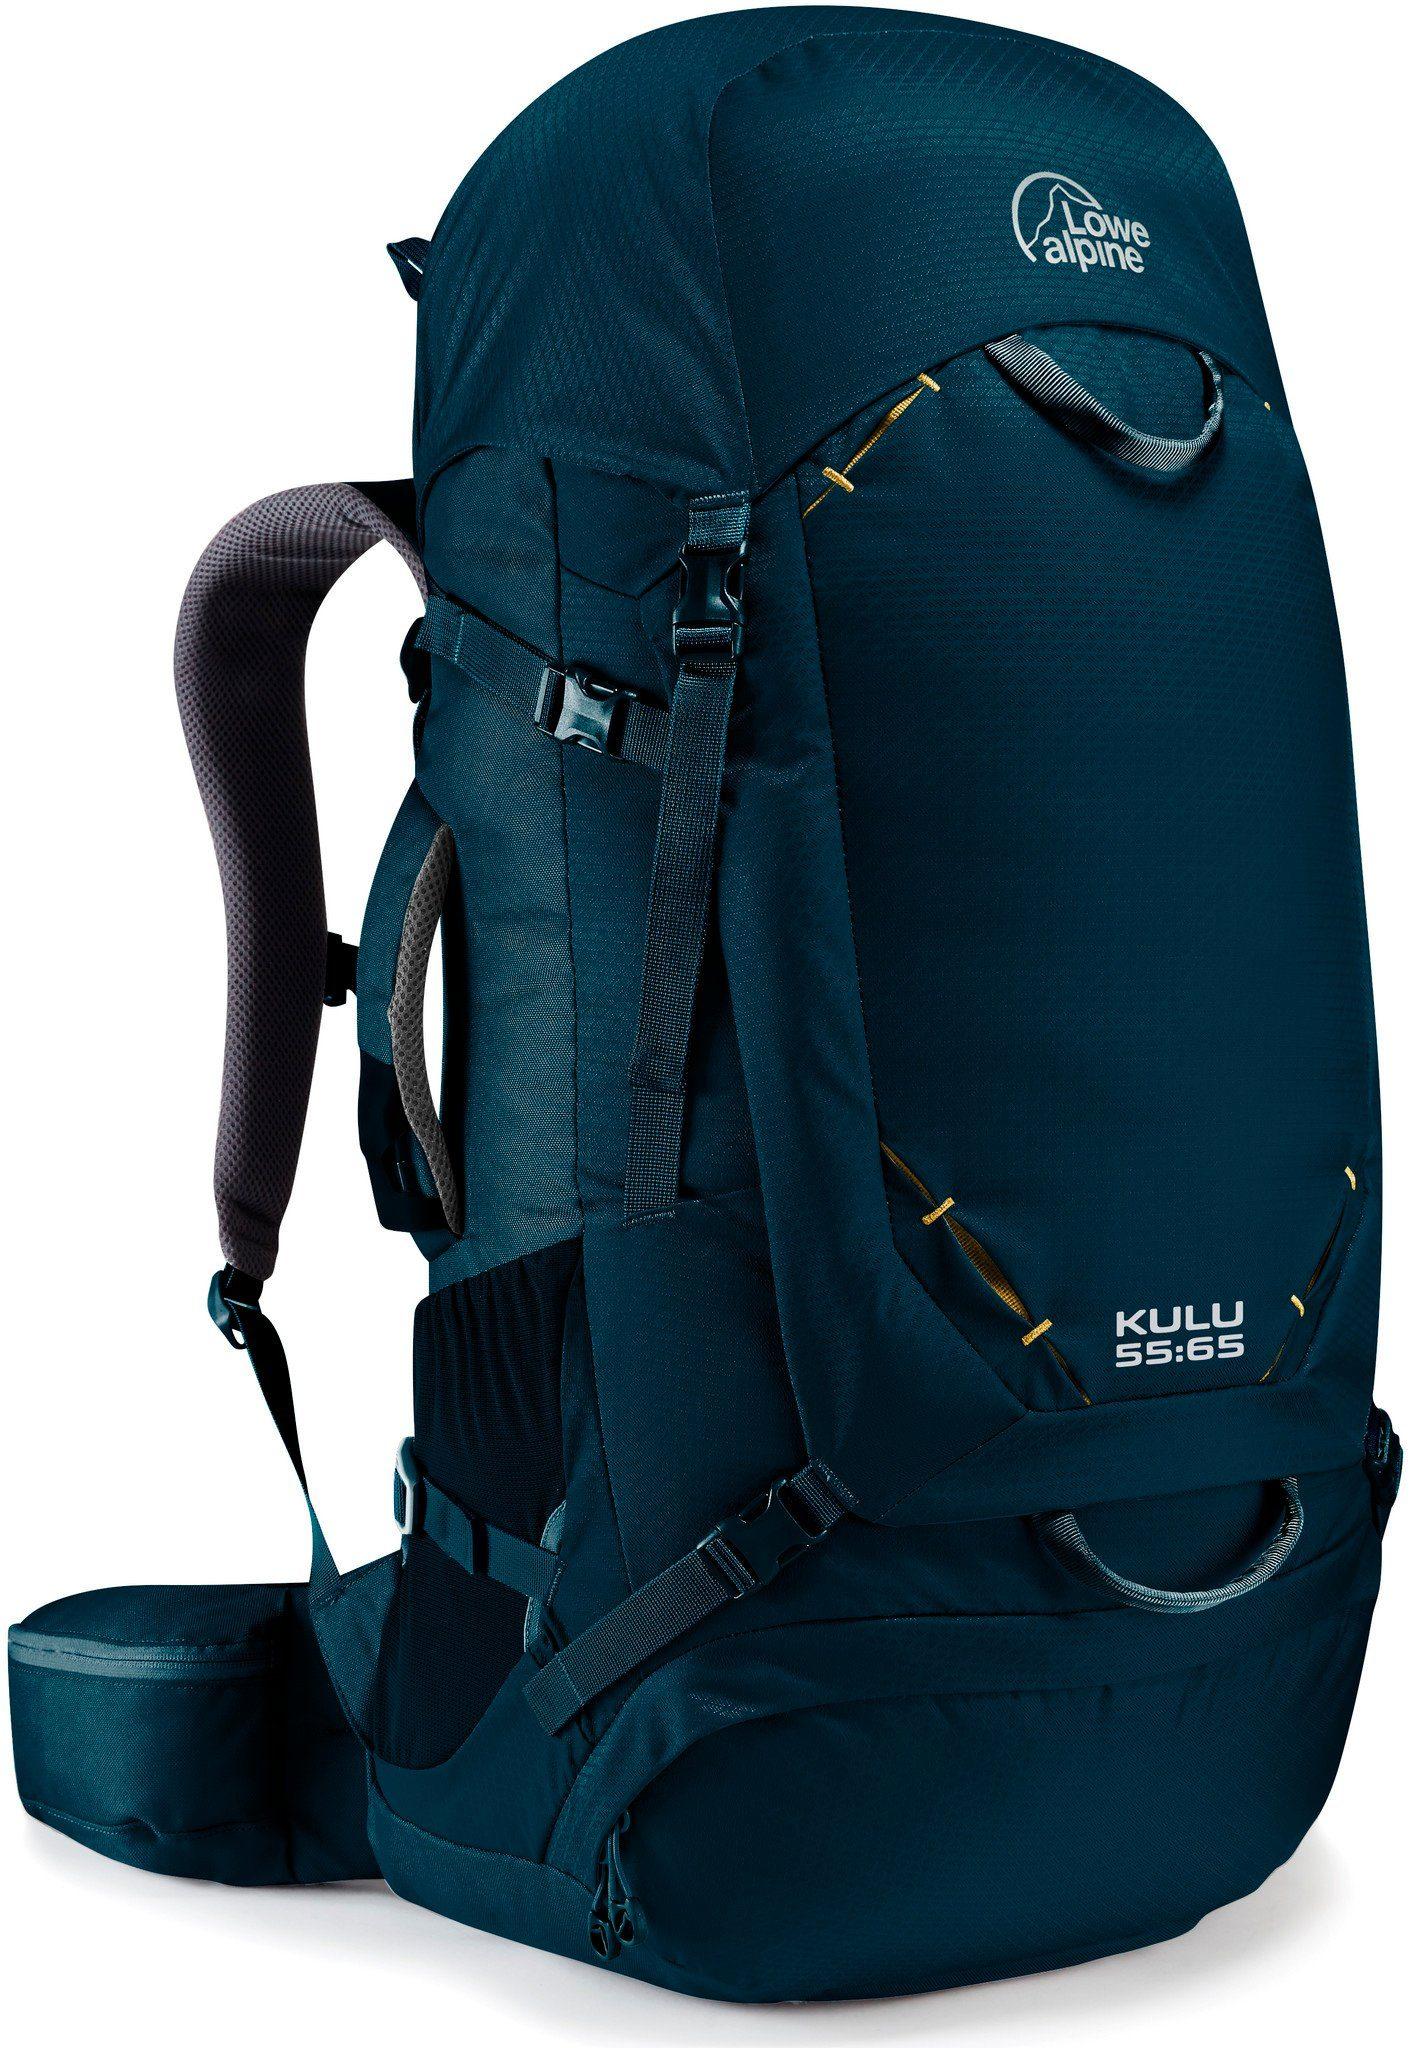 Lowe Alpine Wanderrucksack »Kulu 55:65 Backpack Men«